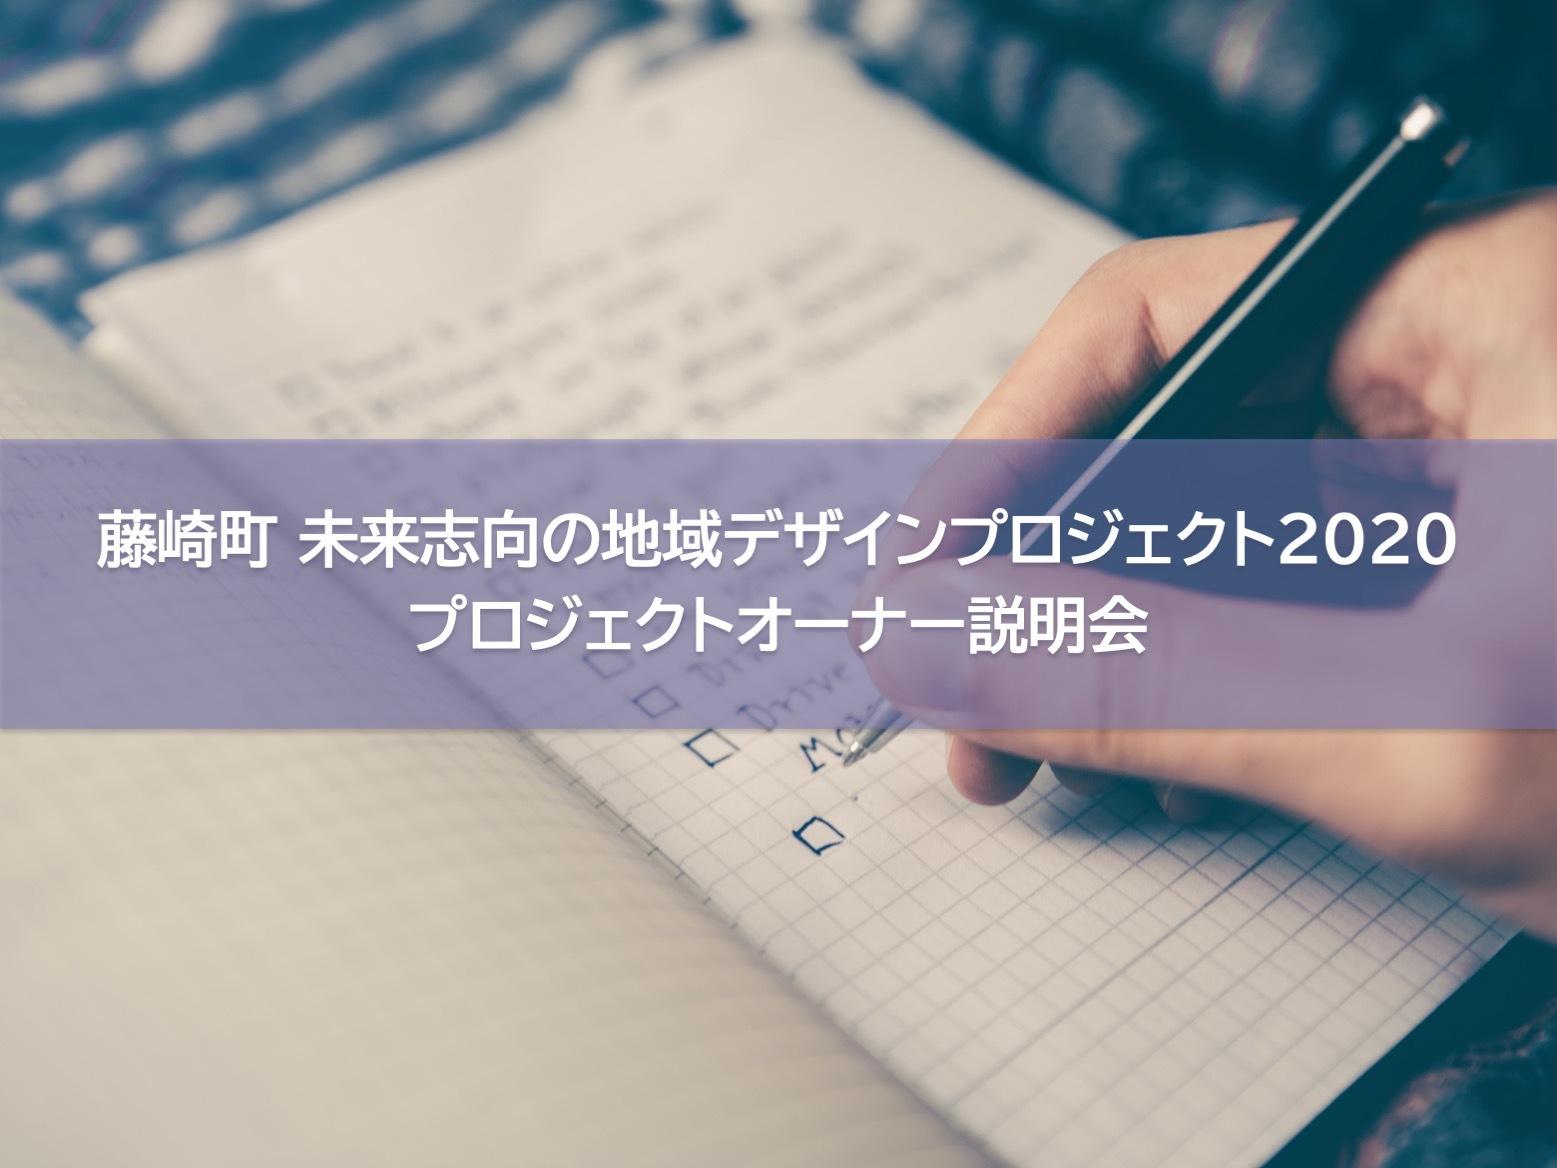 【藤崎町 未来志向の地域デザインプロジェクト 2020】プロジェクトオーナー説明会